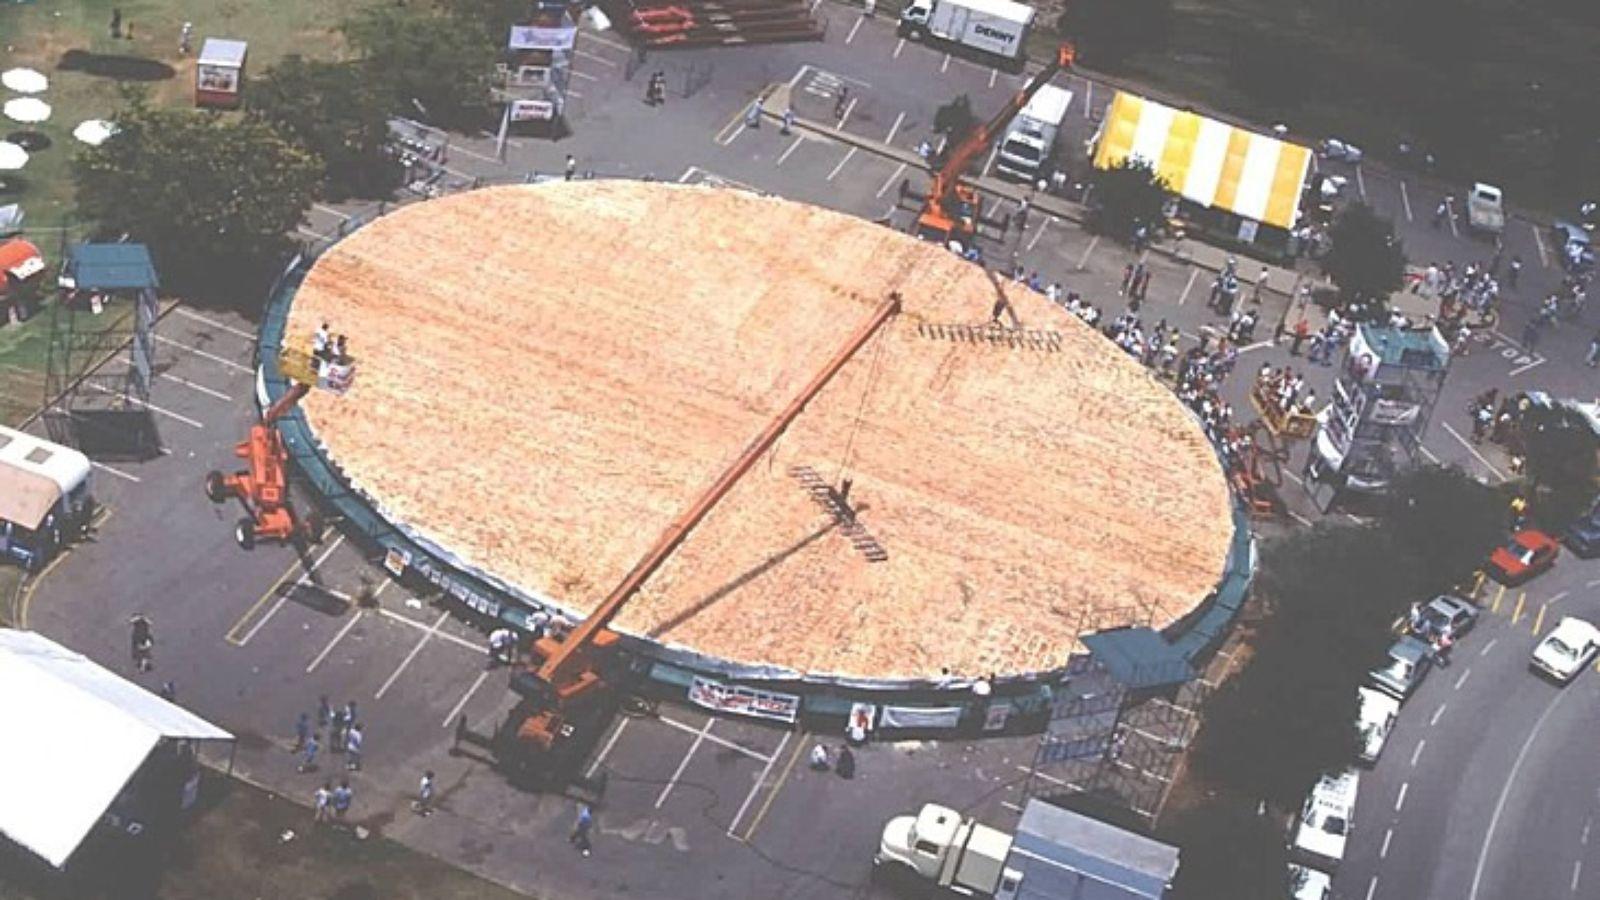 Didžiausia pica